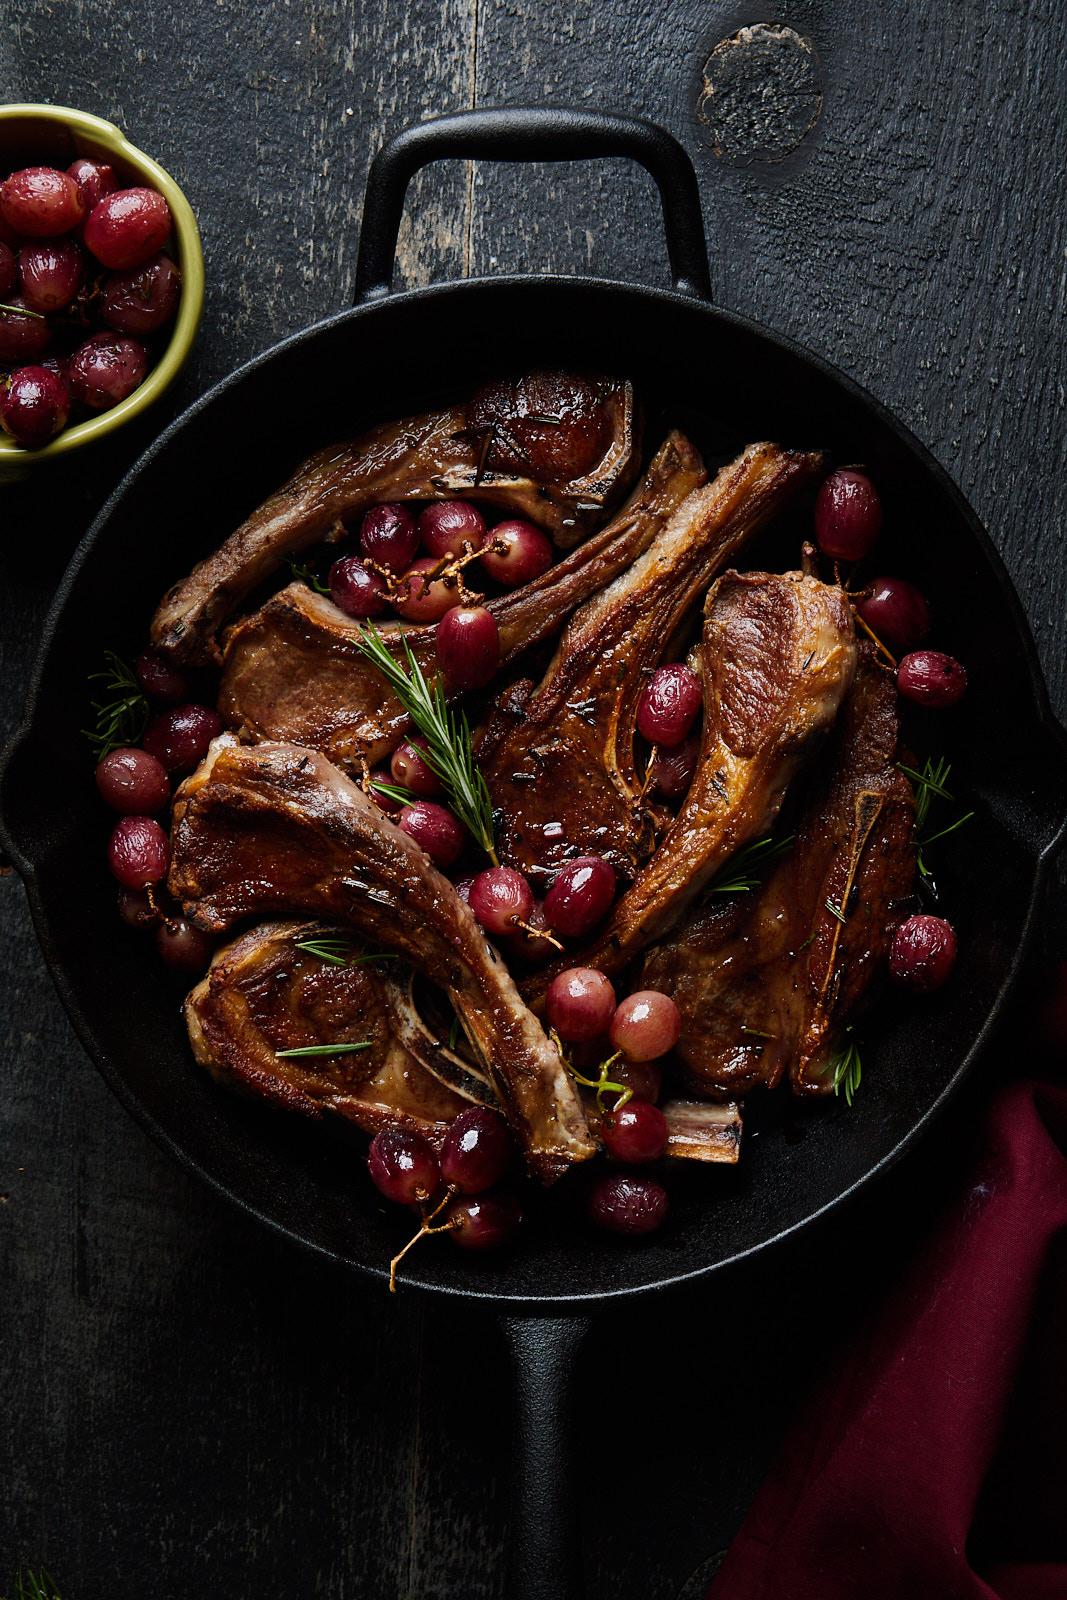 Rosemary Garlic Lamb Chops With Grapes